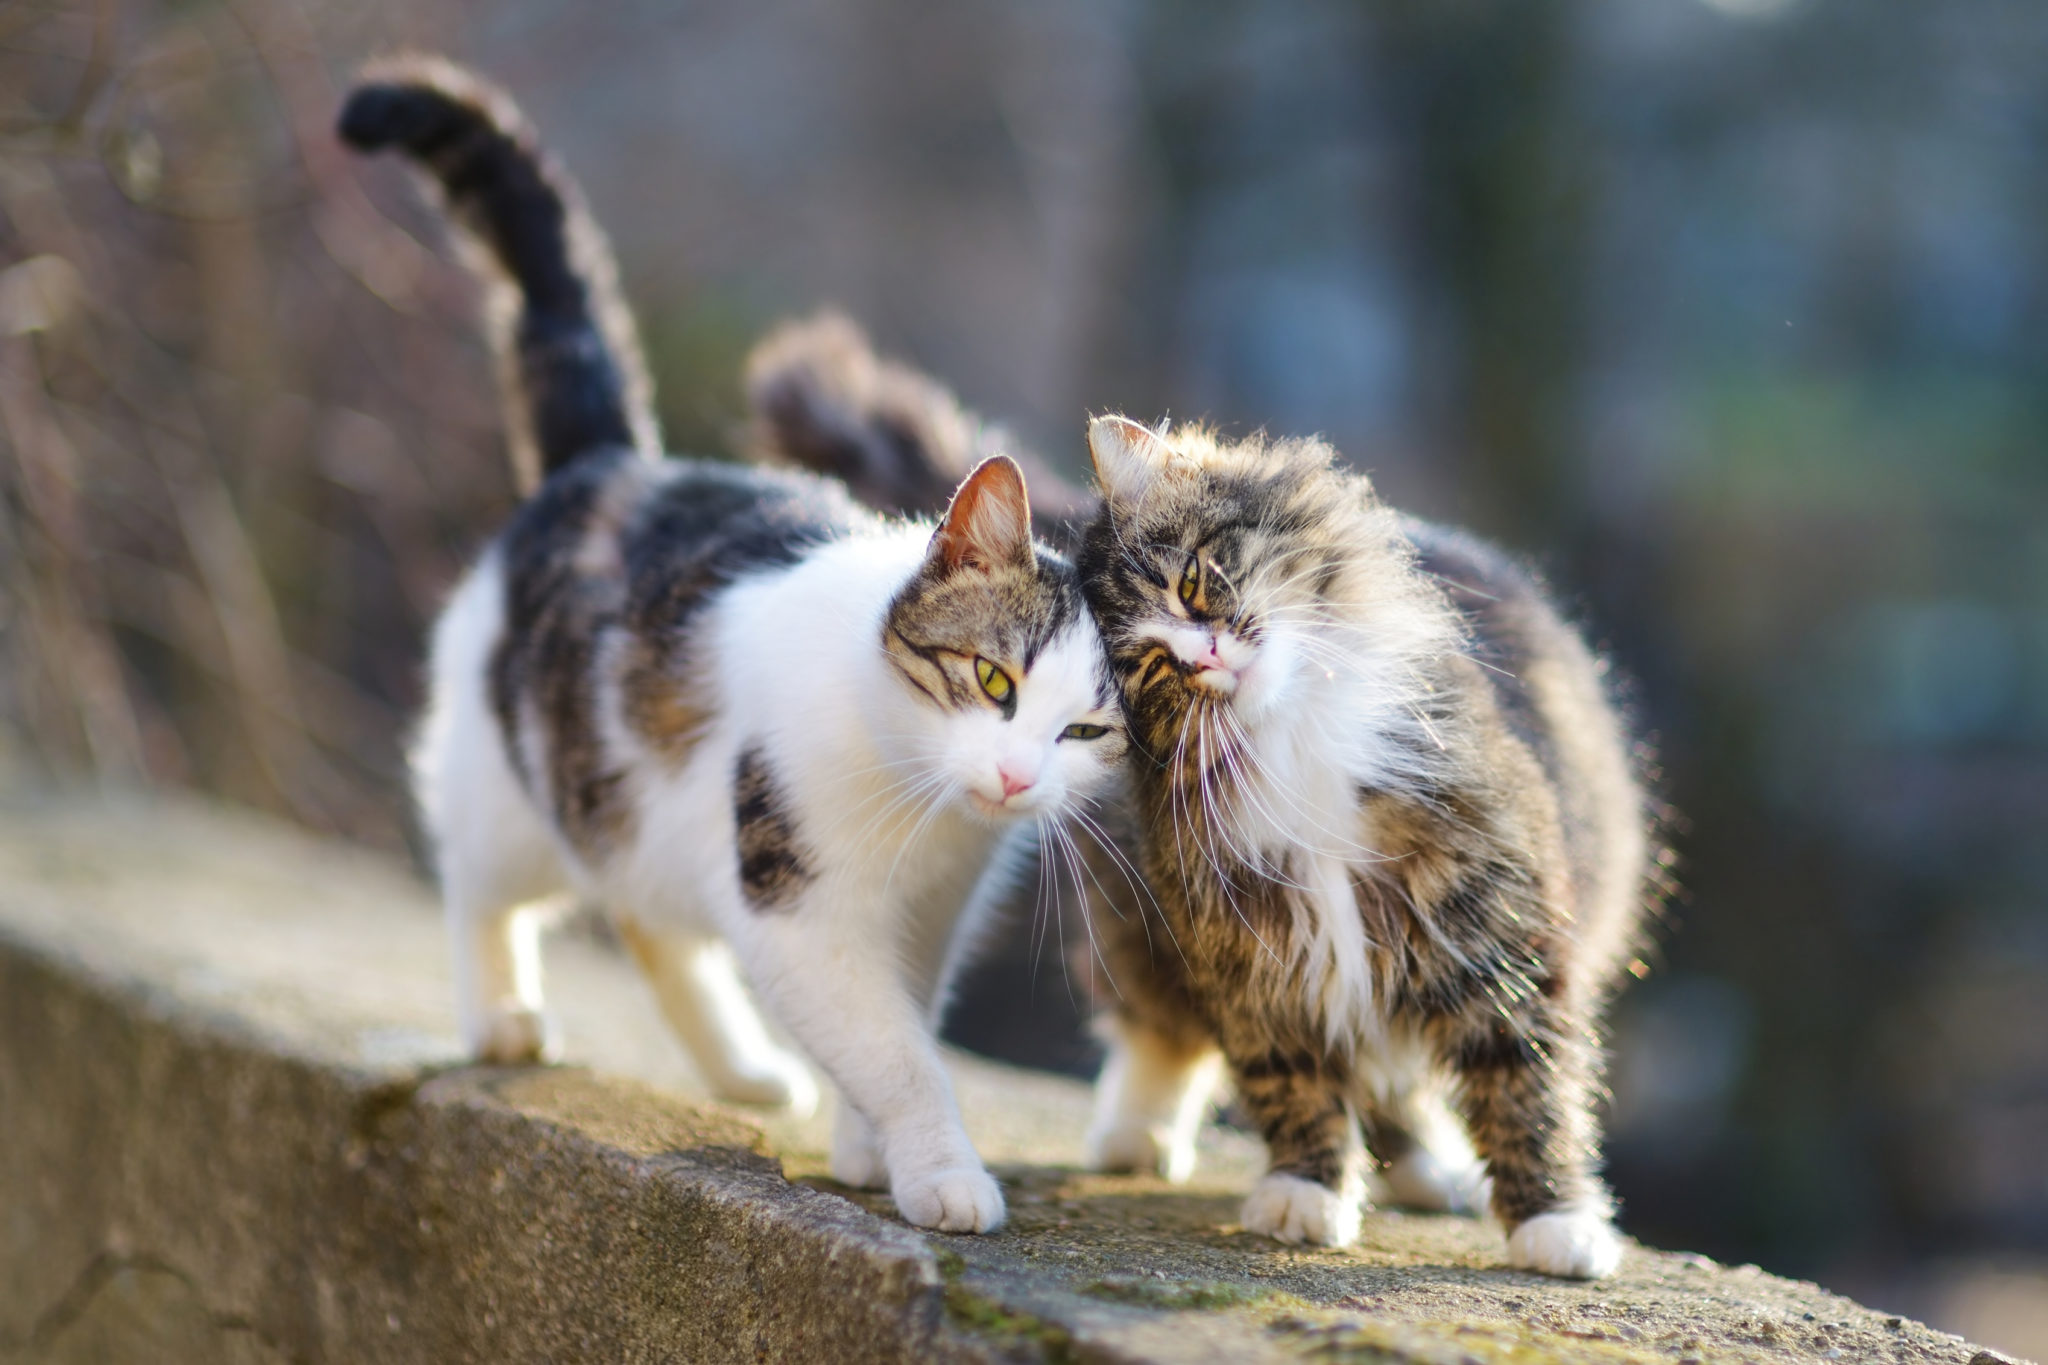 deux chats marchent côte à côte en se câlinant